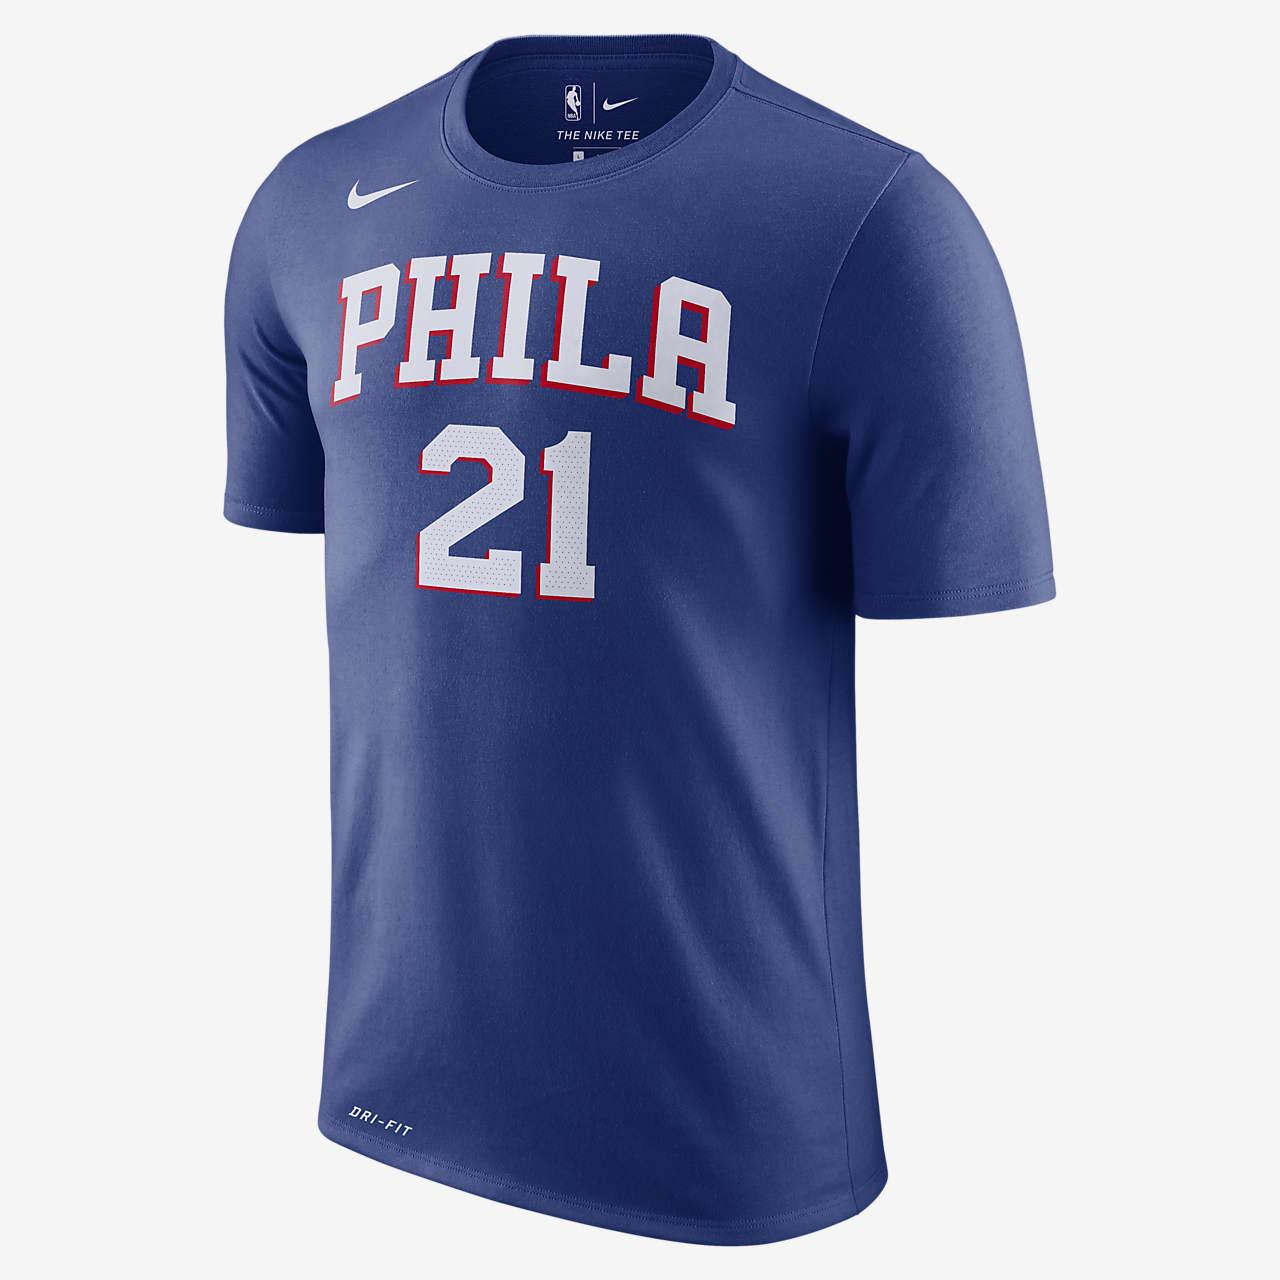 Joel Embiid Philadelphia 76ers Nike Dri-FIT Men's NBA T-Shirt